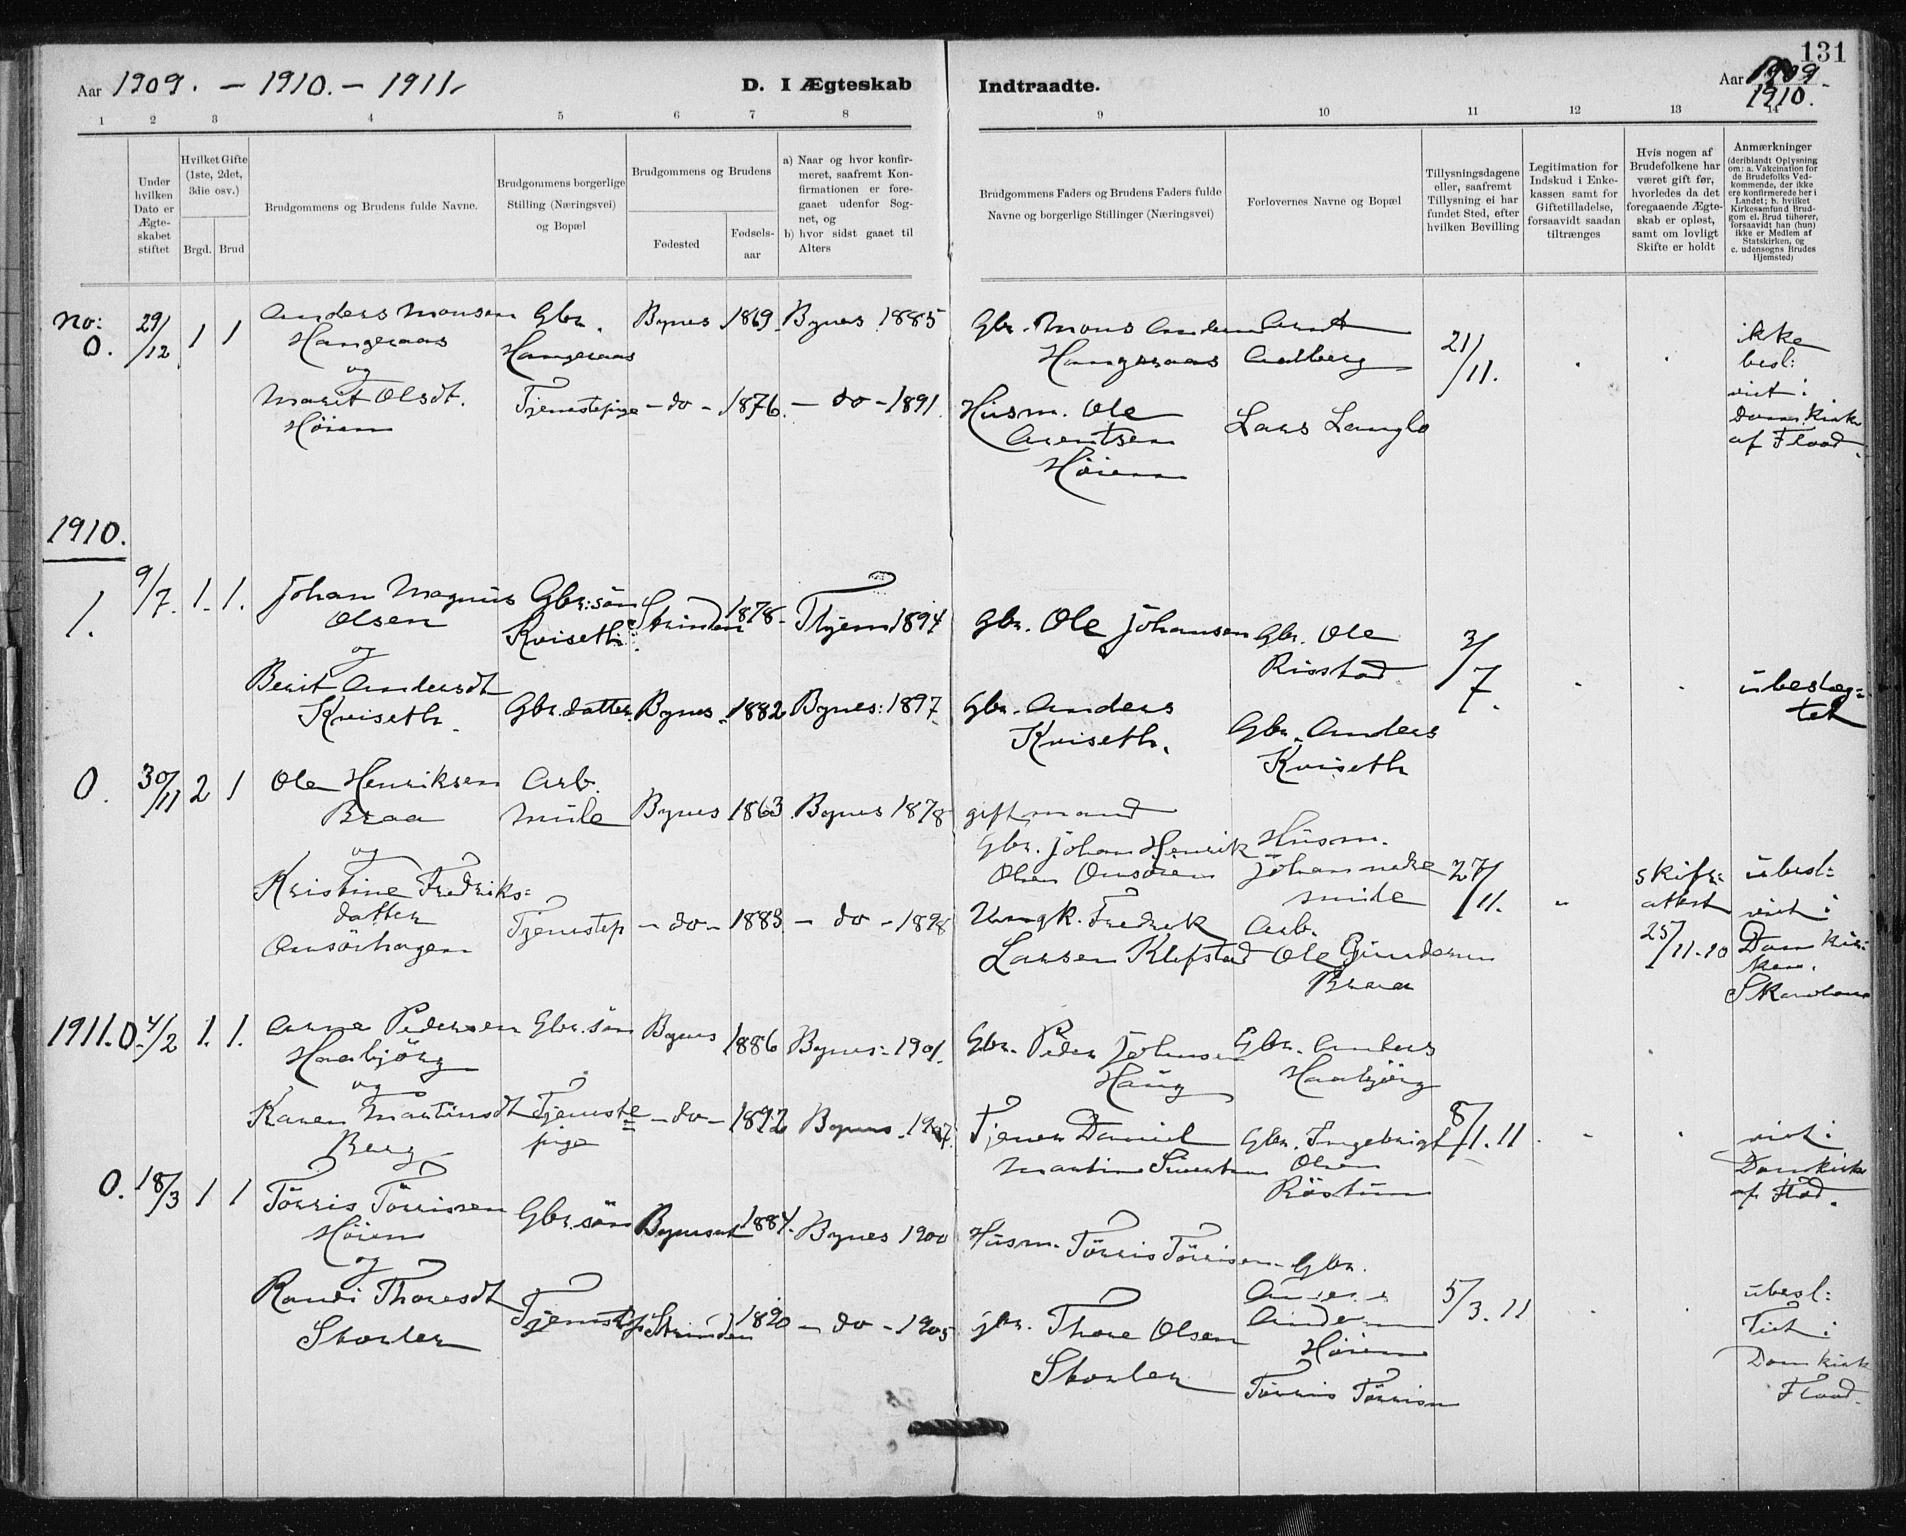 SAT, Ministerialprotokoller, klokkerbøker og fødselsregistre - Sør-Trøndelag, 612/L0381: Ministerialbok nr. 612A13, 1907-1923, s. 131